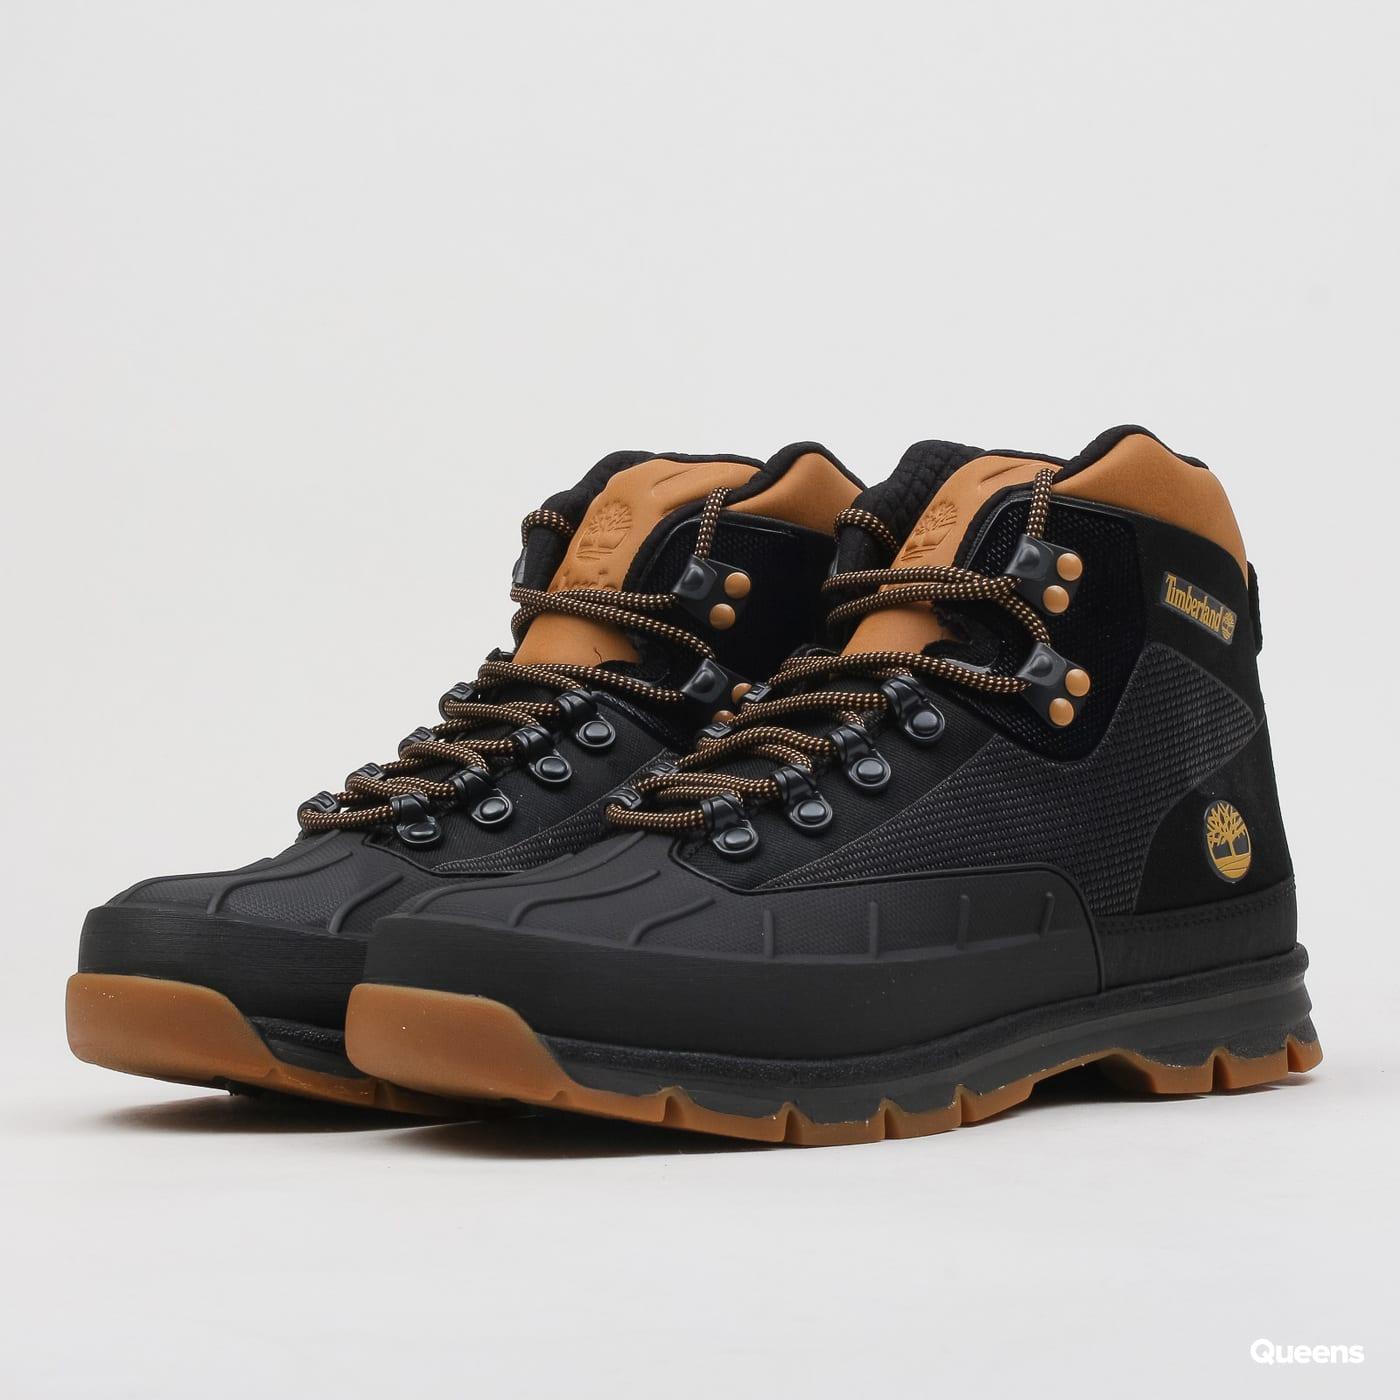 0694ffb63e1 Pánské zimní boty Timberland Euro Hiker Shell Jacquard Boot (A1QJ2 - BLK) –  Queens 💚